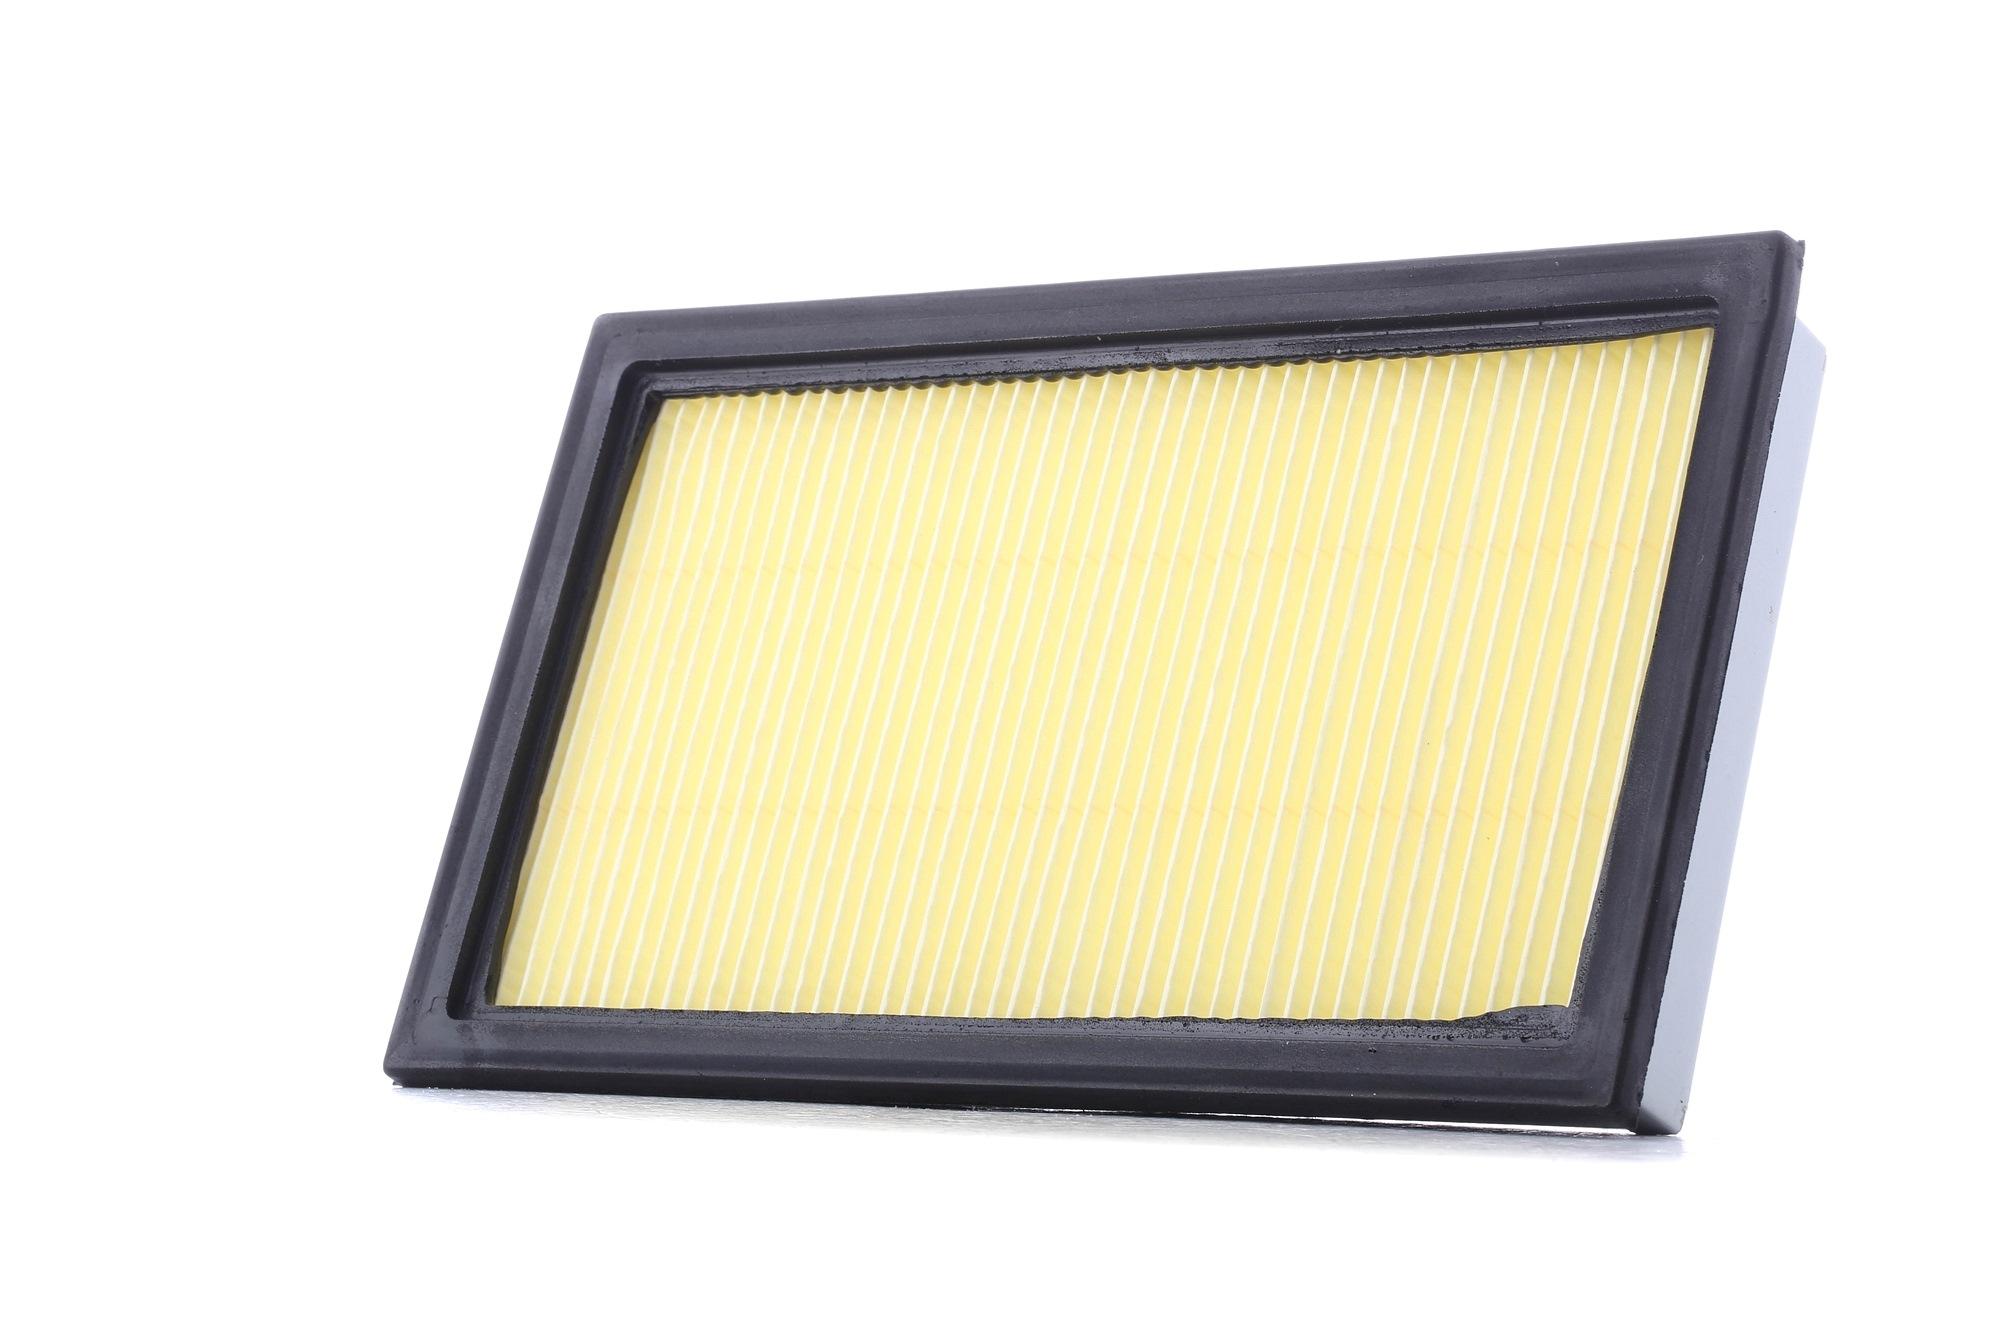 Zracni filter 2964/3-LF-PCS-MS z izjemnim razmerjem med MASTER-SPORT ceno in zmogljivostjo